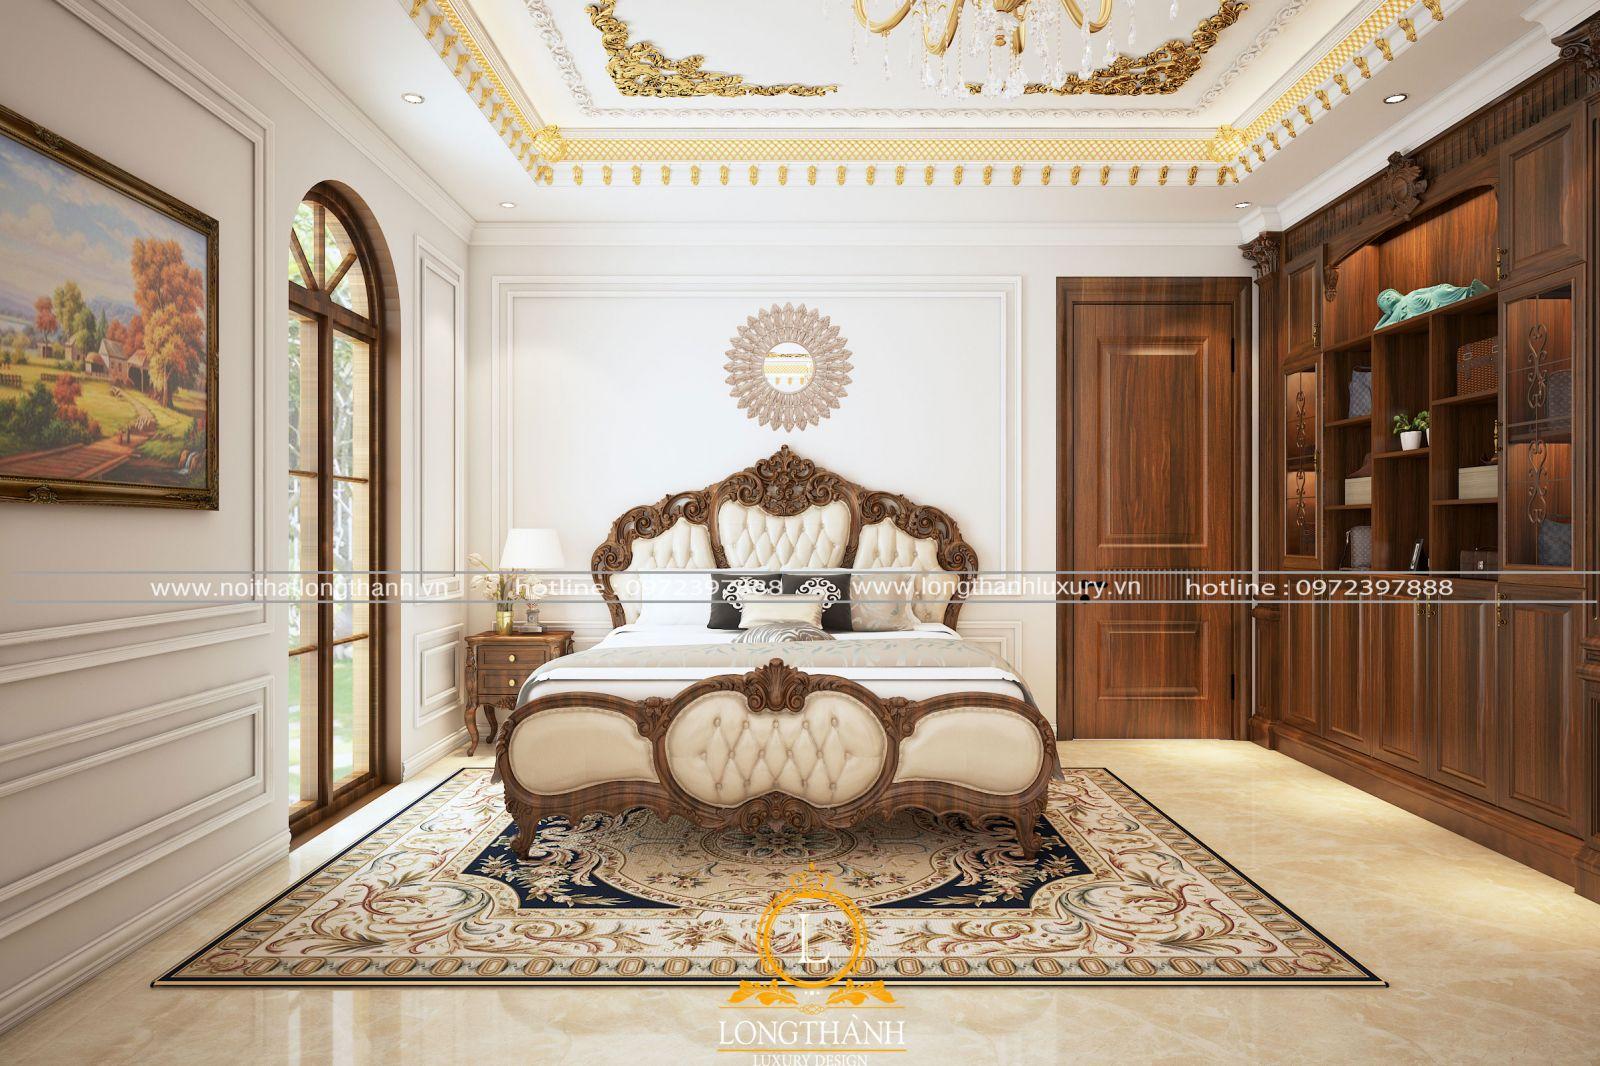 Mẫu phòng ngủ sang trọng và  đặc trưng